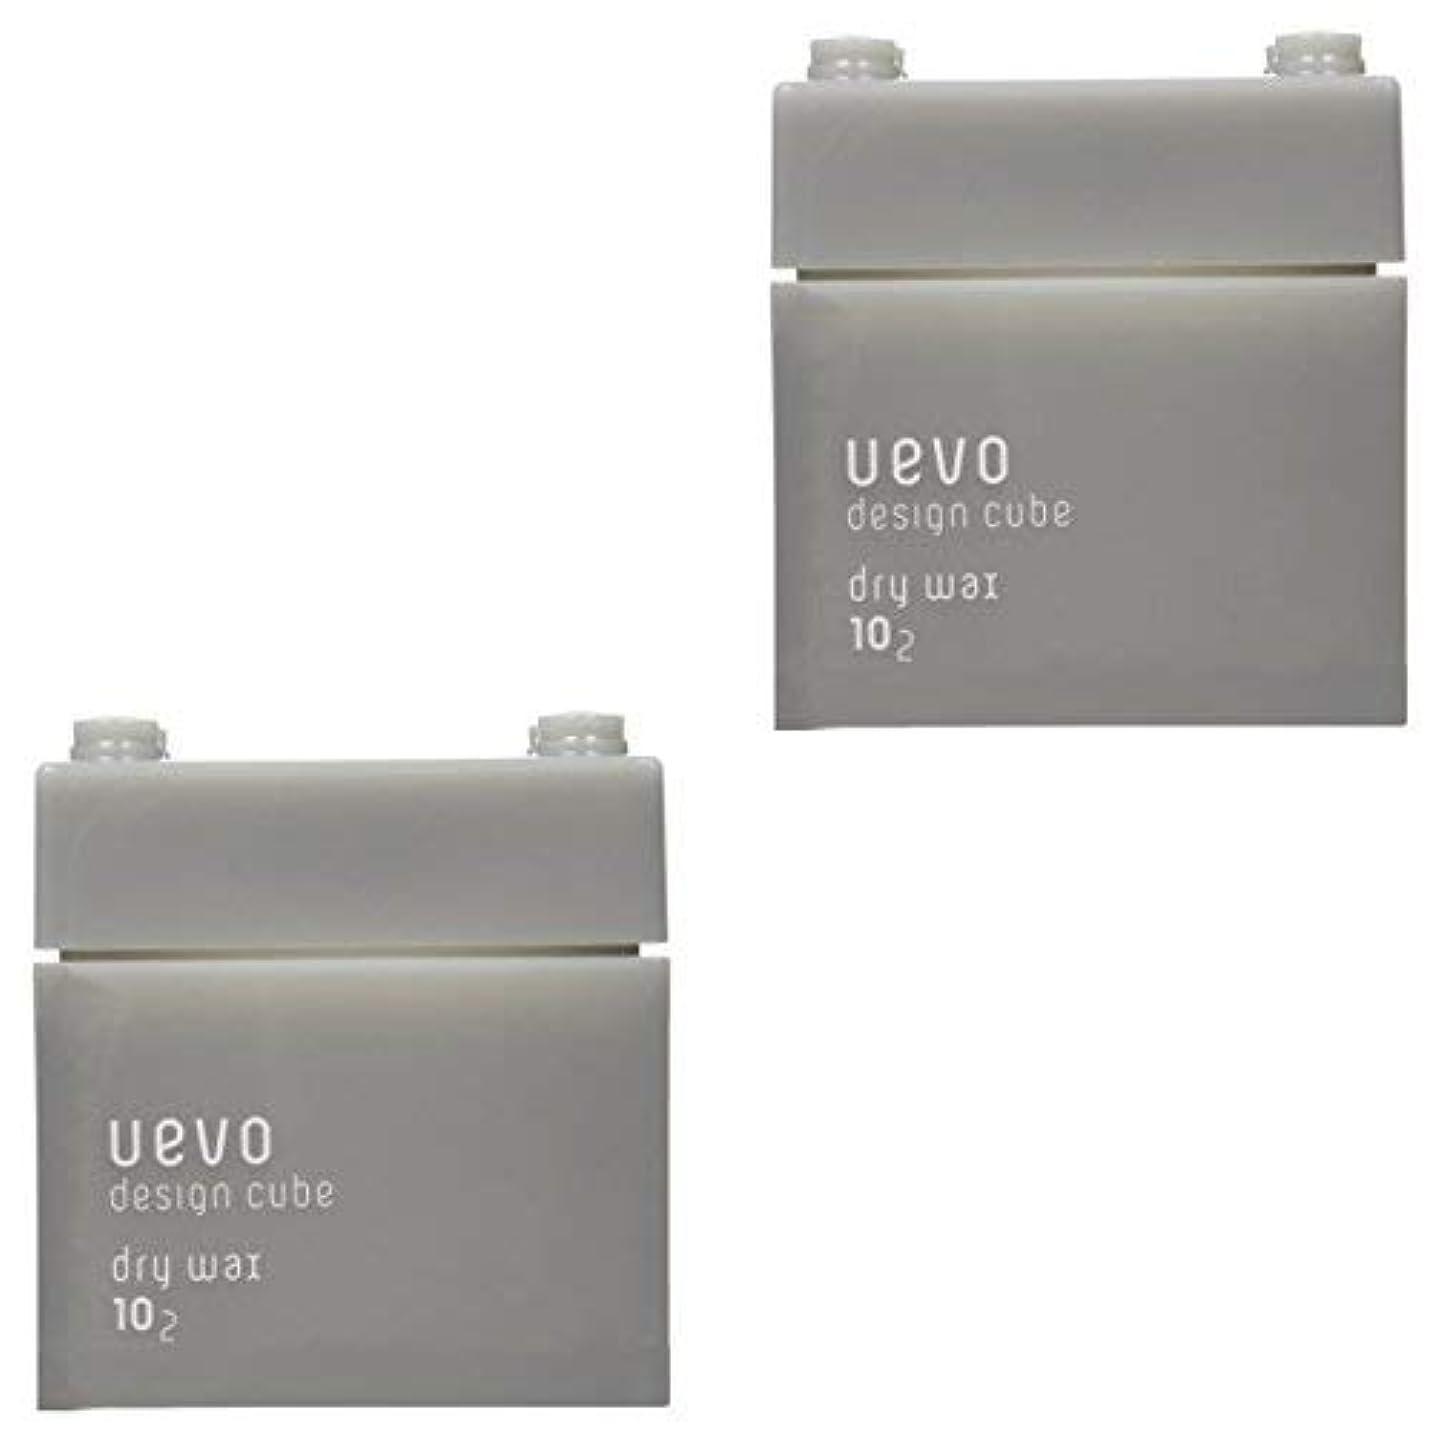 外向きオープナー卵【X2個セット】 デミ ウェーボ デザインキューブ ドライワックス 80g dry wax DEMI uevo design cube